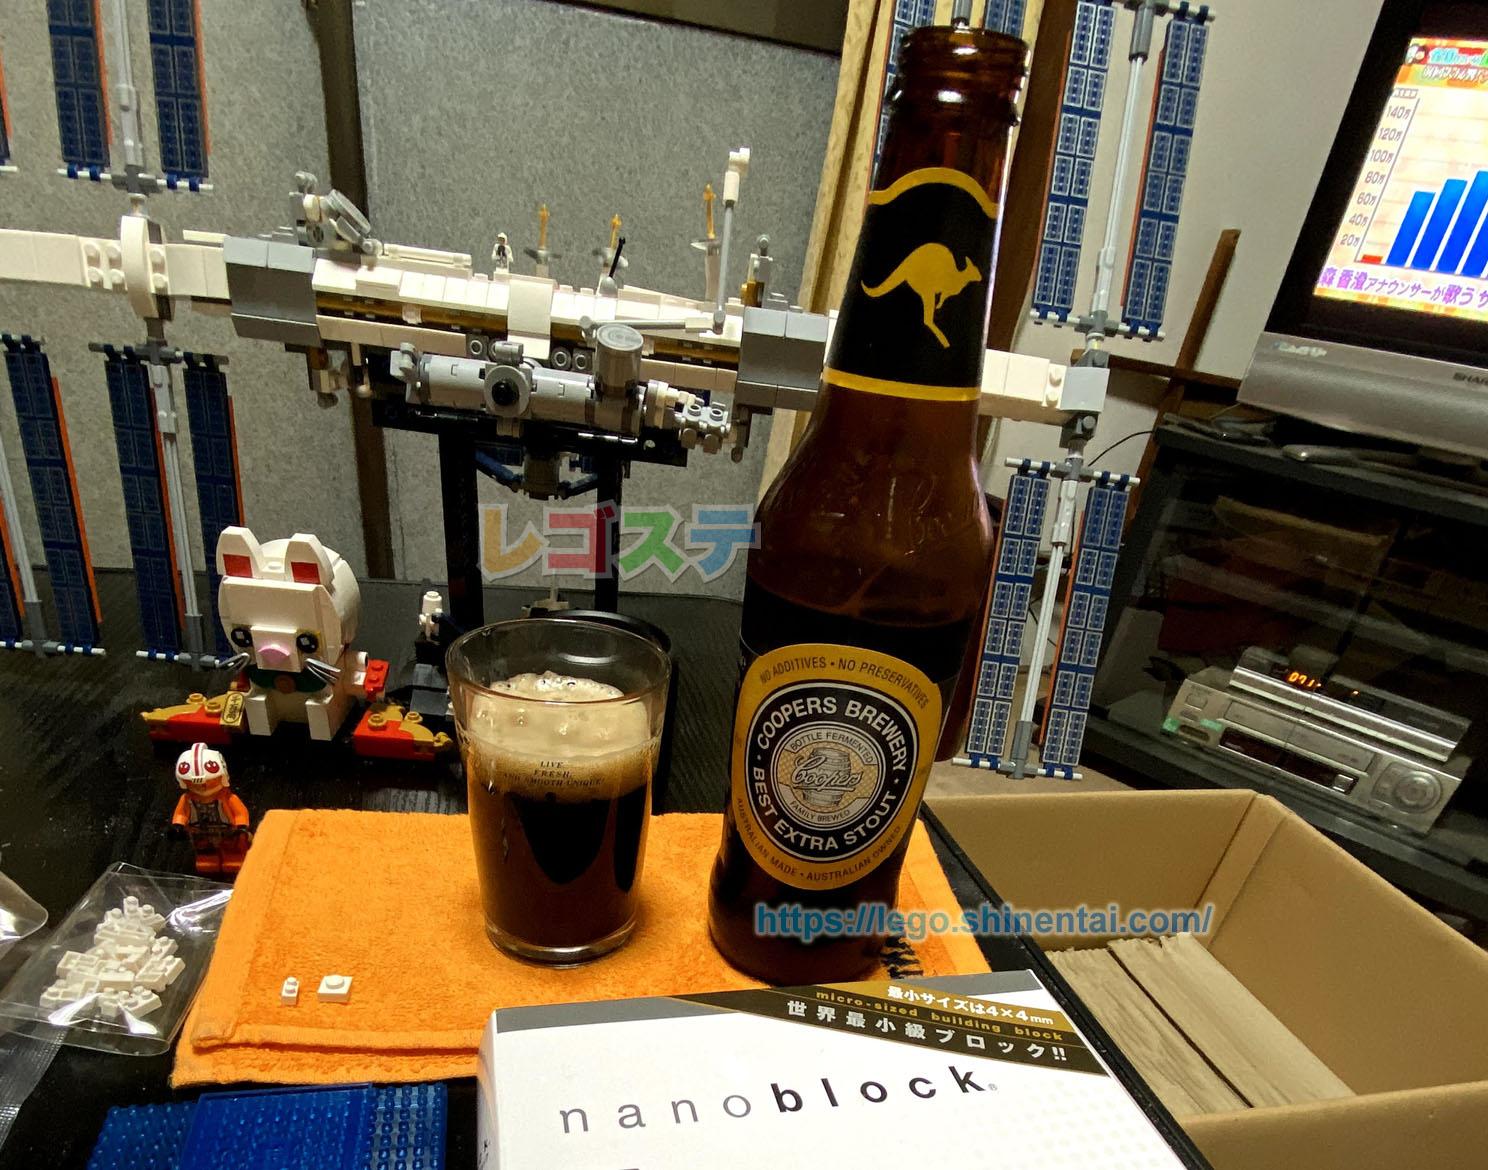 ナノブロックレビュー:シドニーオペラハウス NBH-052